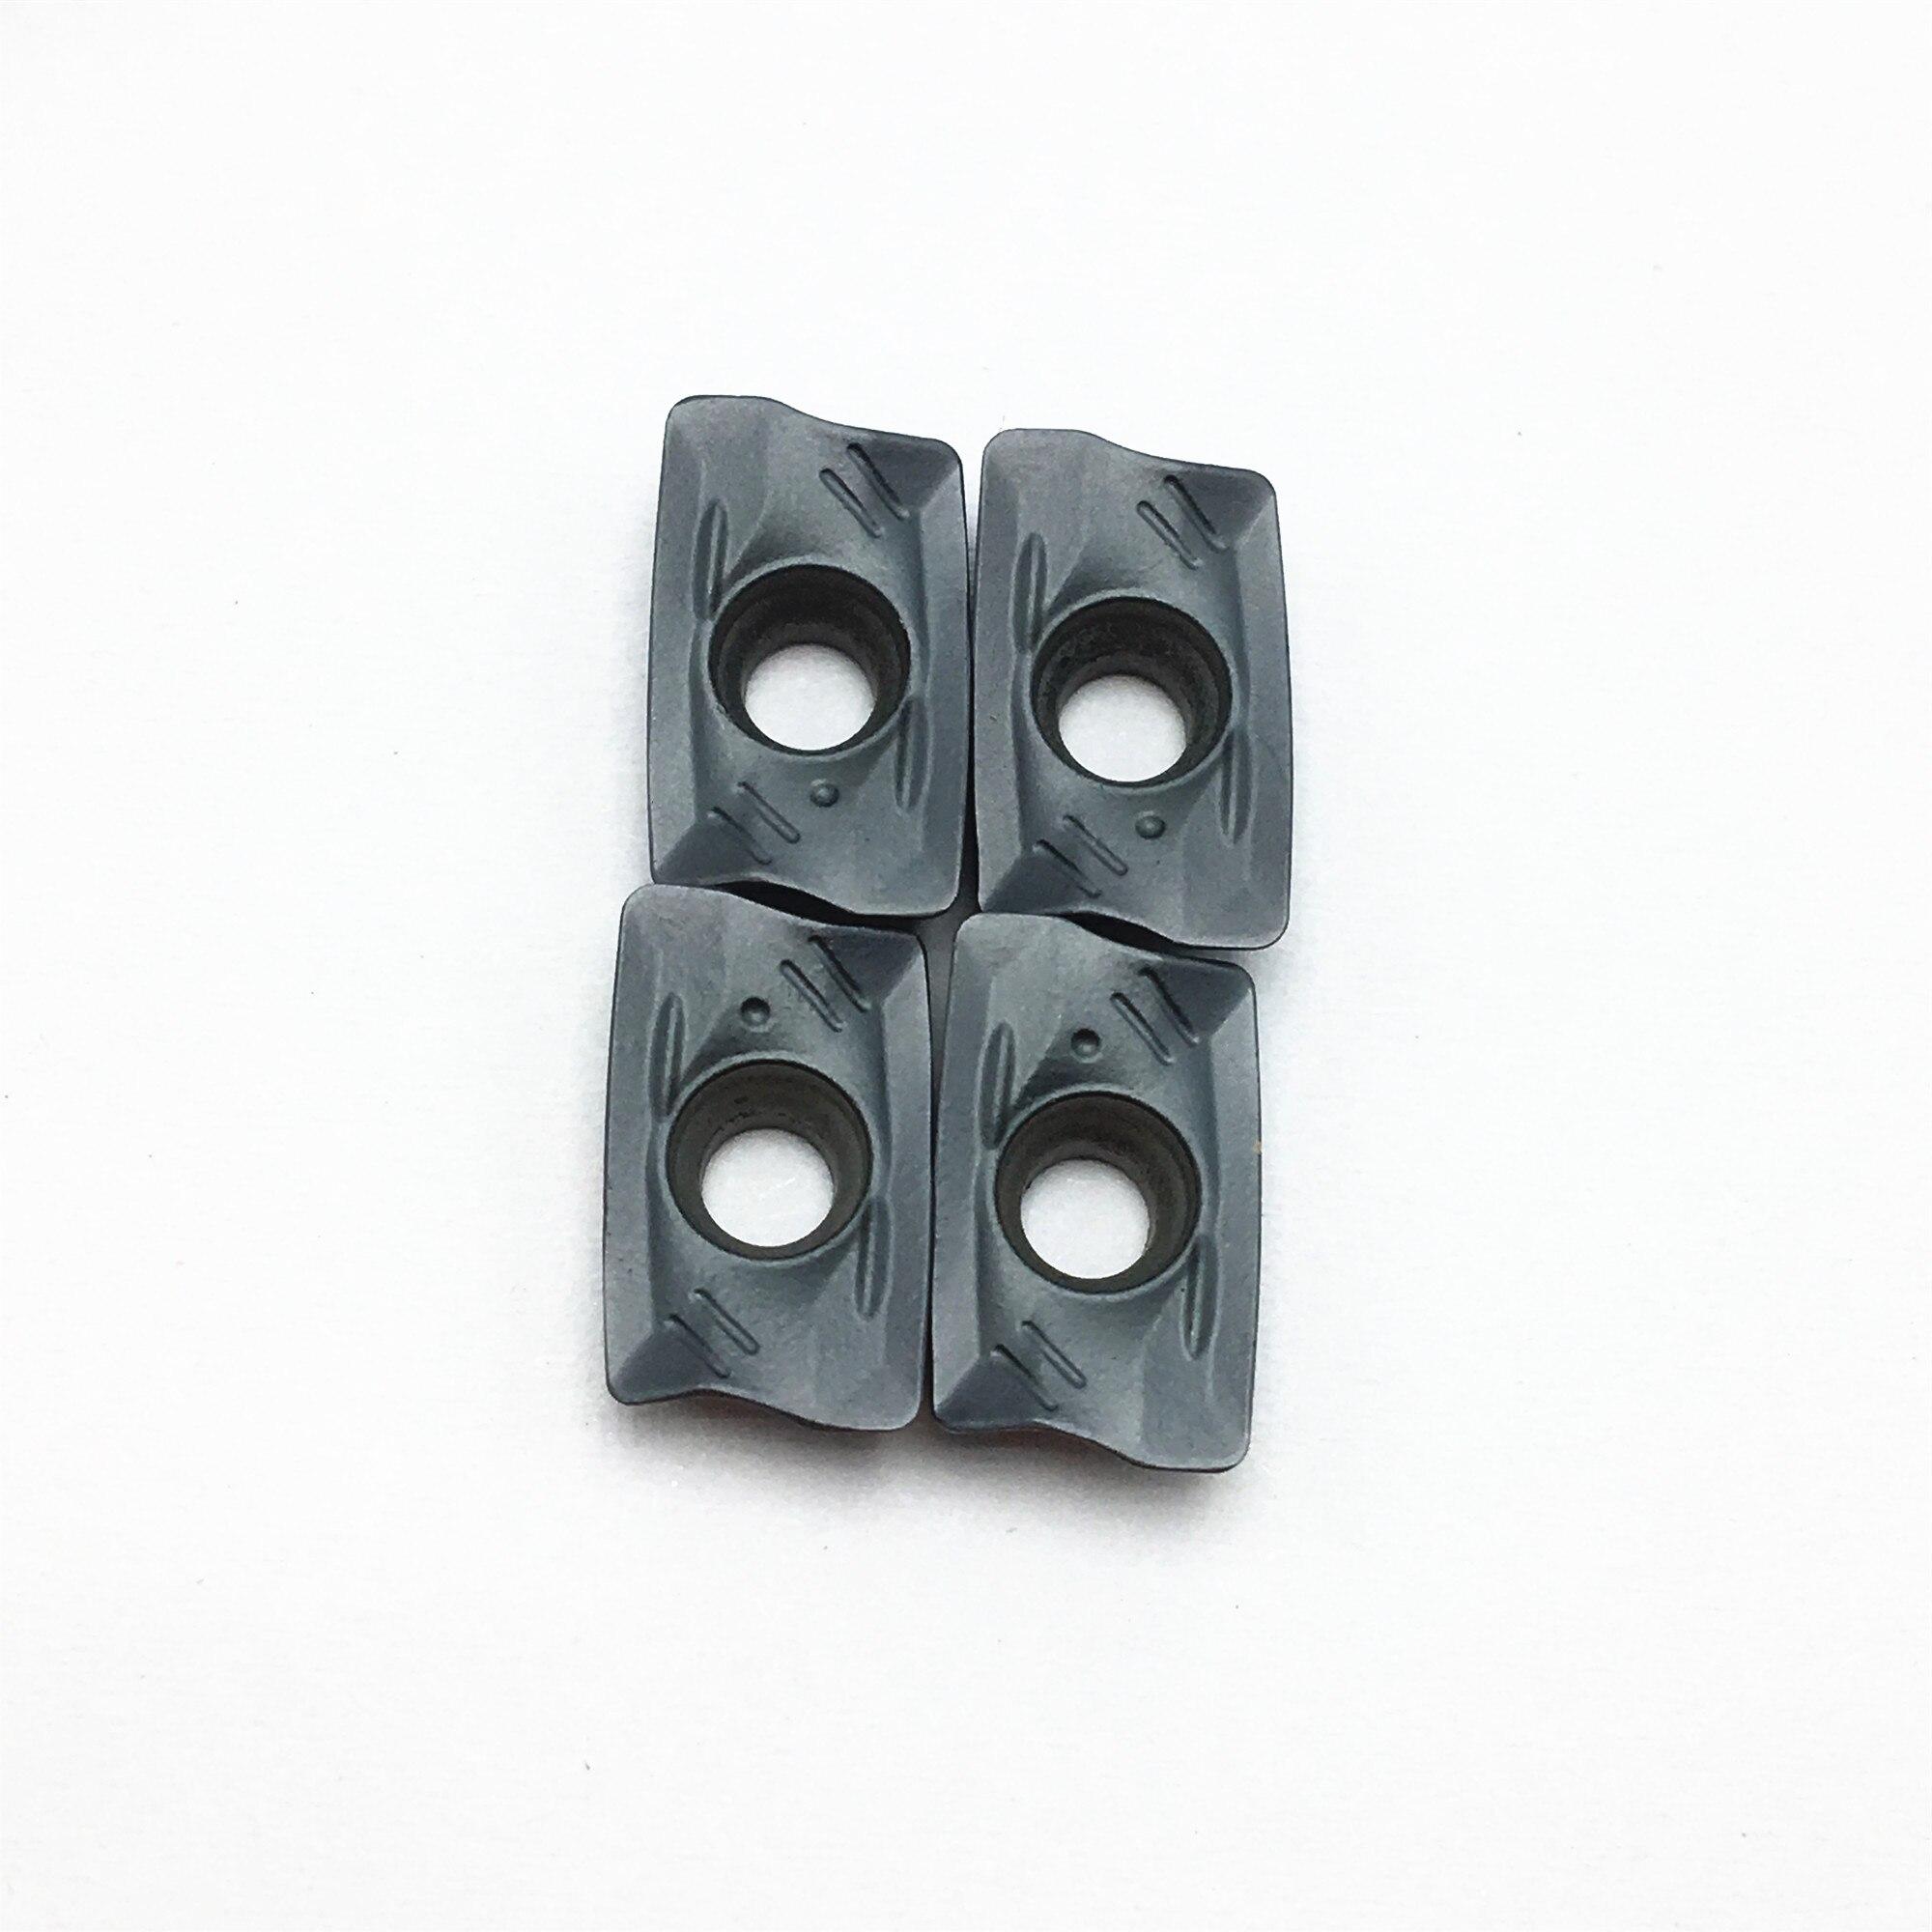 100PCS Freies Verschiffen R390 11T308M PM 1130 Hartmetall Insert Fräsen Maschine Gesicht Fräsen Werkzeug R39011T308M PM1130 Drehmaschine Werkzeug Klinge - 4